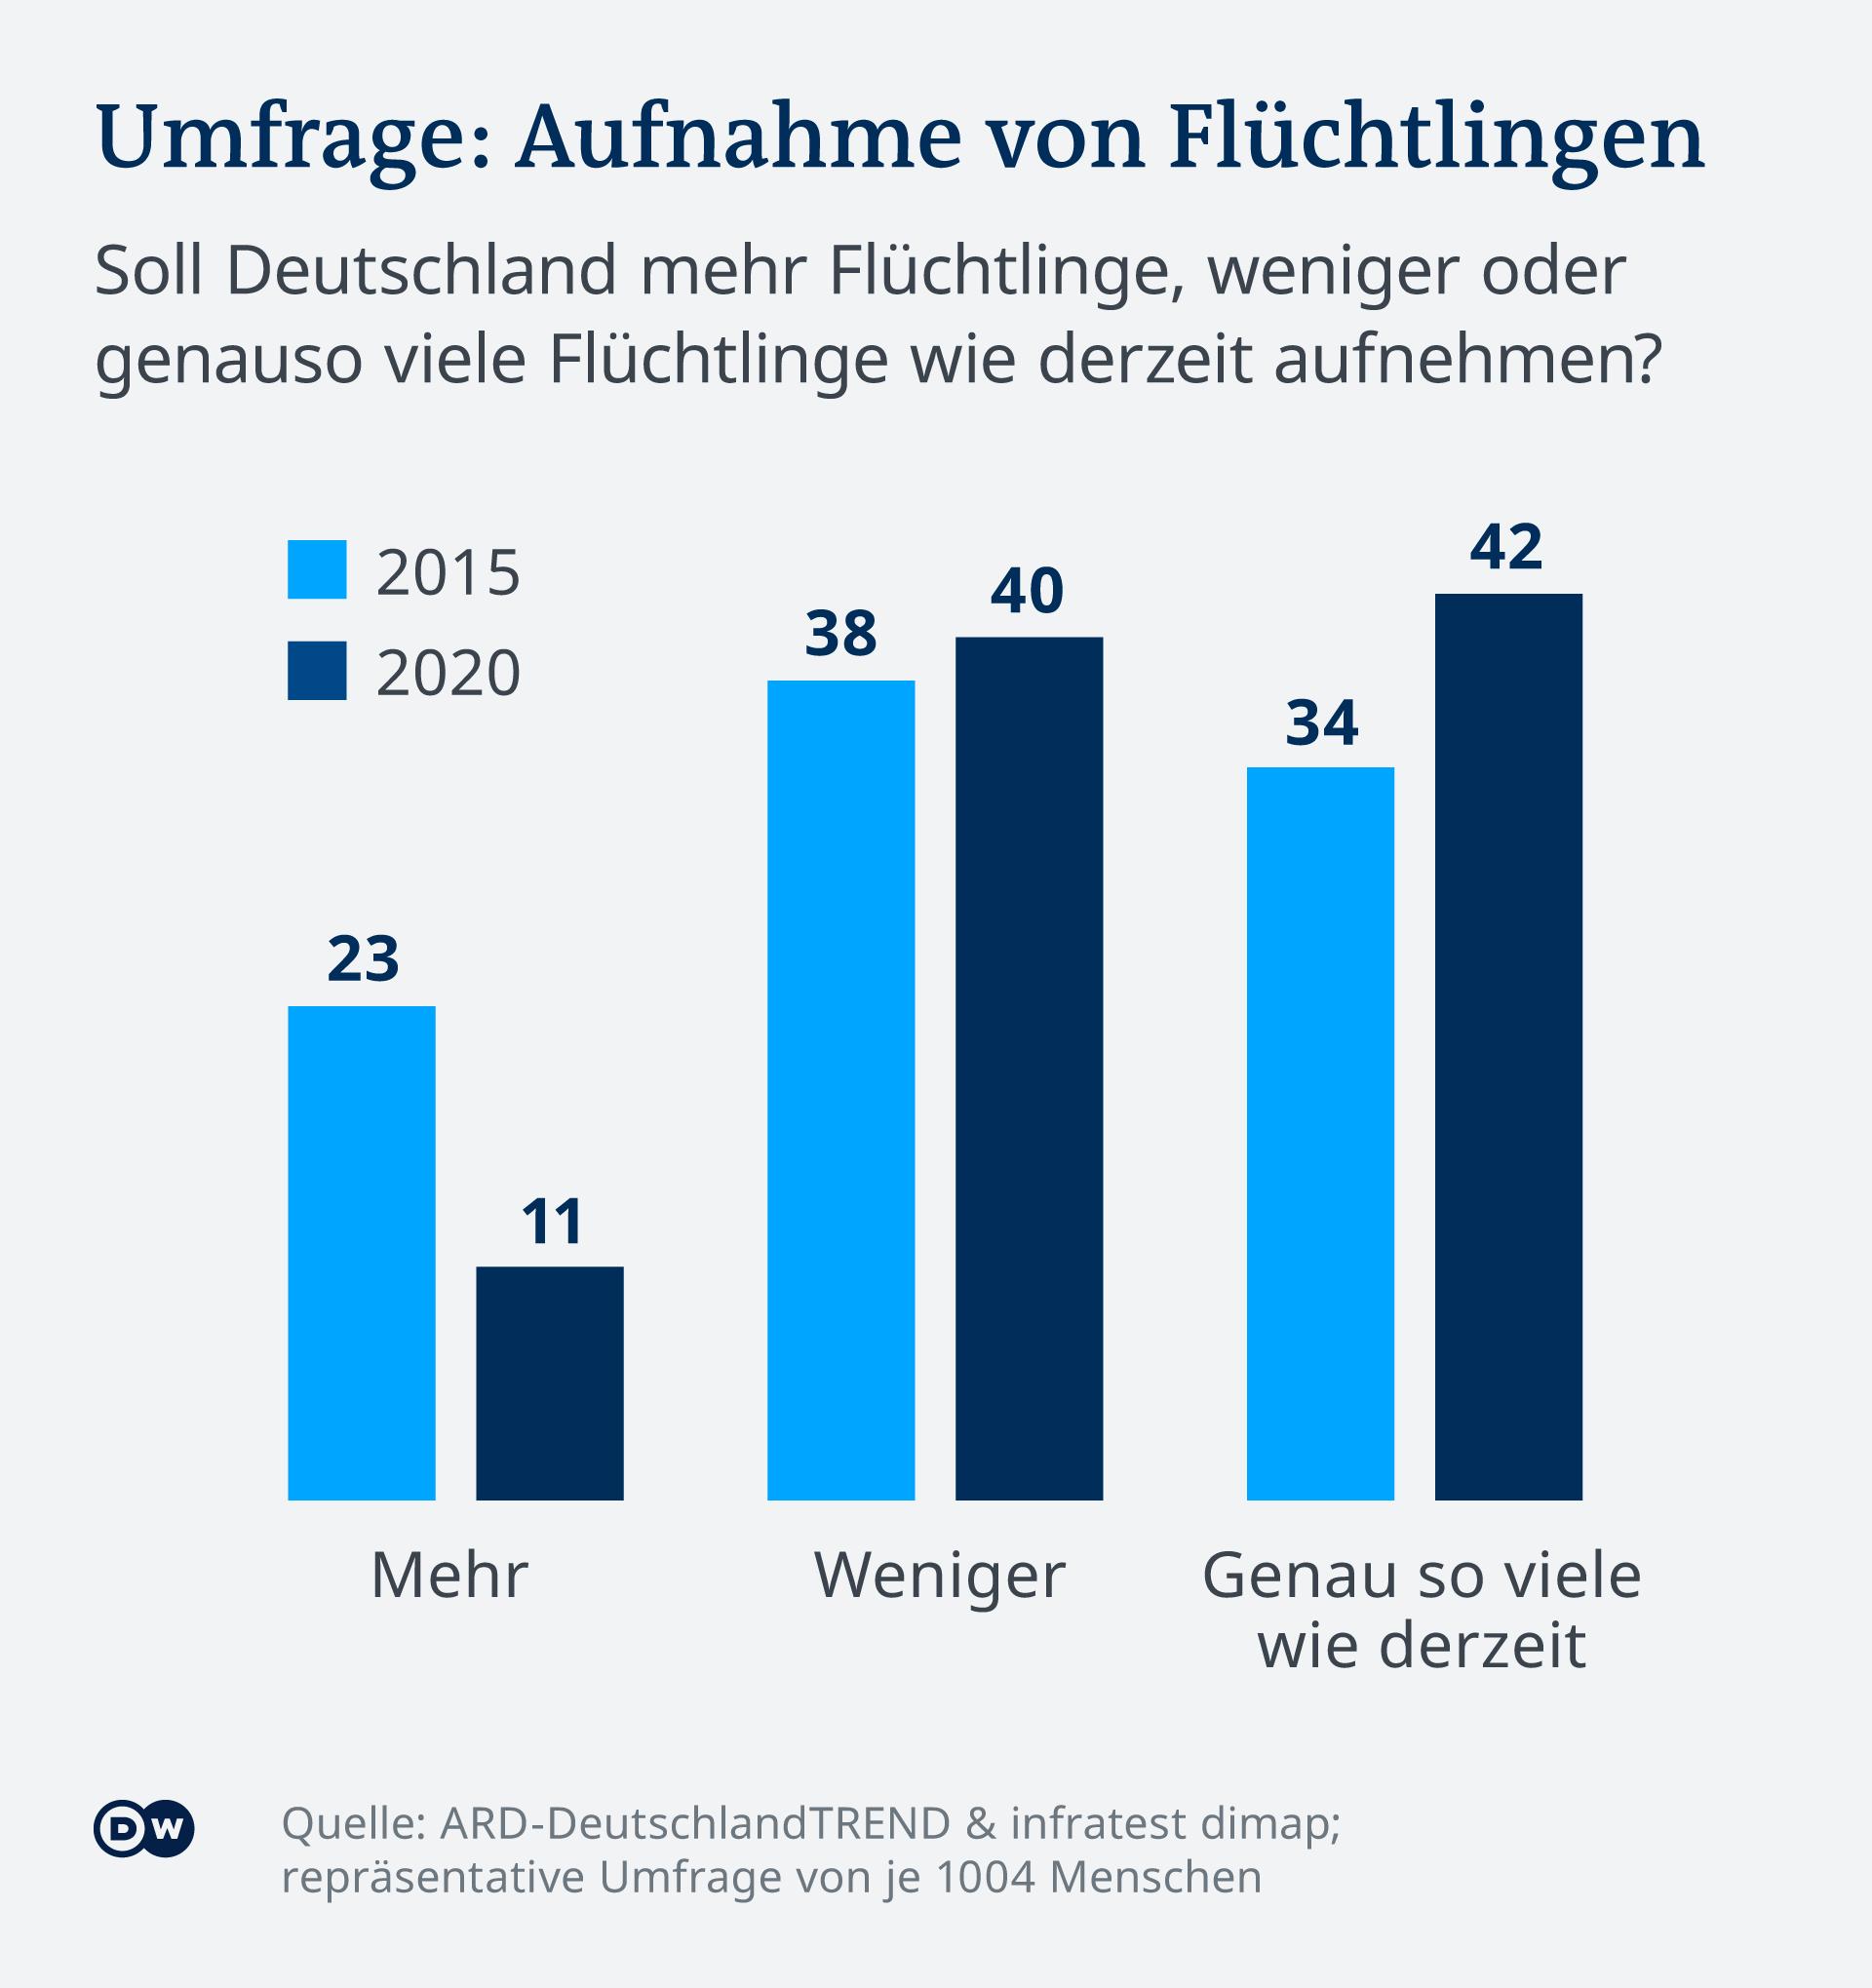 Anketa: Treba li Njemačka više (mehr), manje (weniger) ili jednaki broj izbjeglica u odnosu na sadašnje stanje?